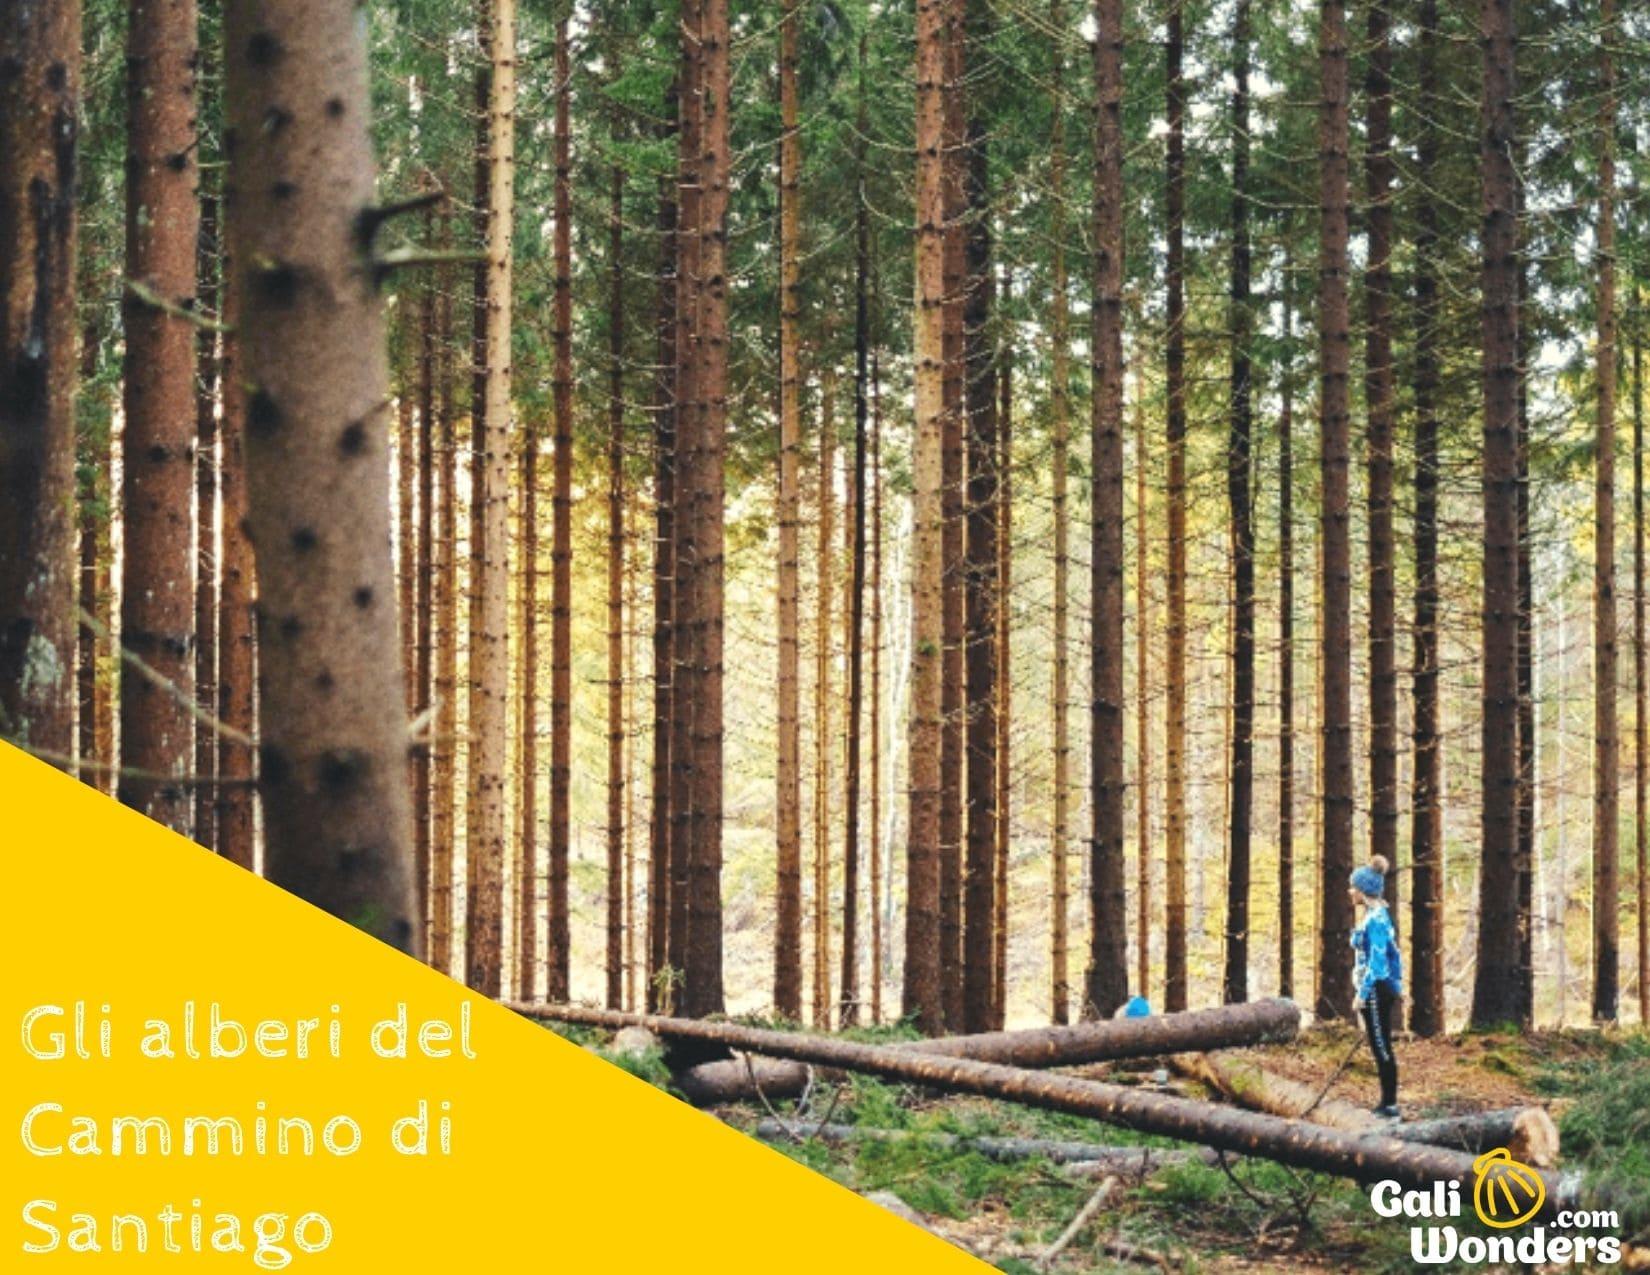 gli alberi del cammino di santiago galiwonders